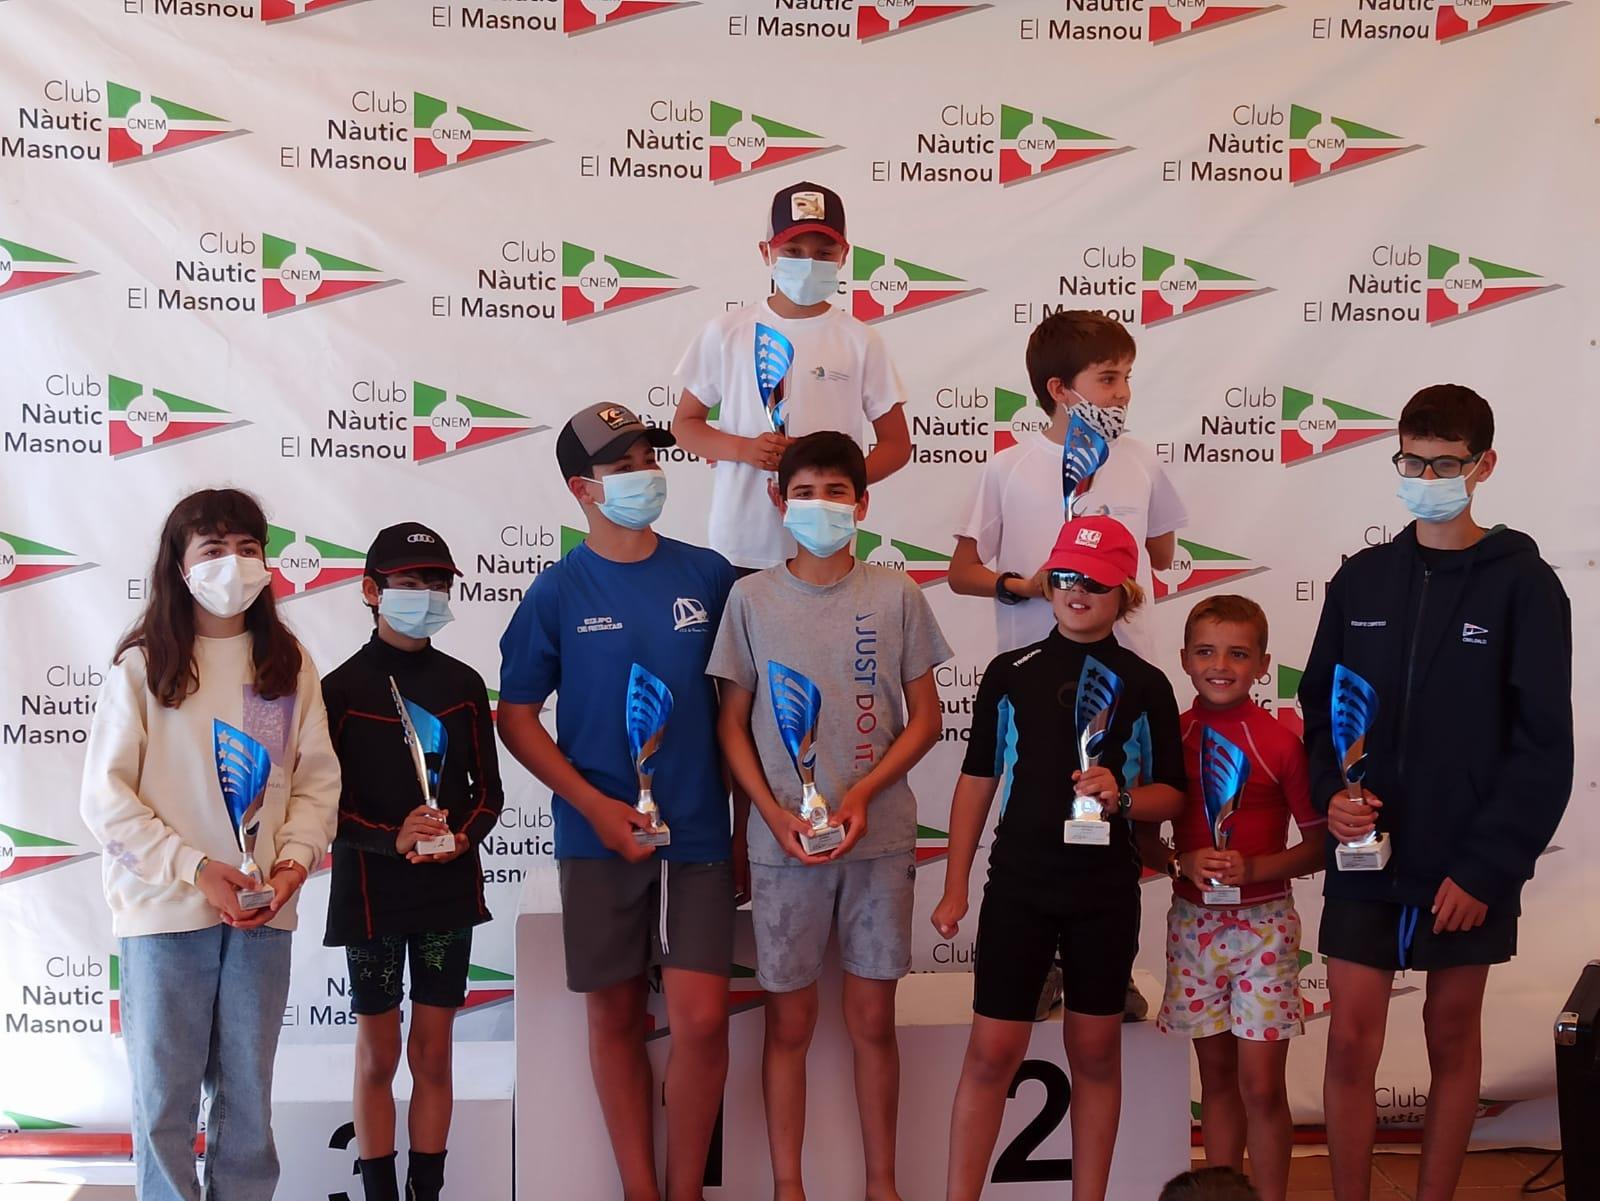 2021 Trofeu Marsa - Equip CNEM